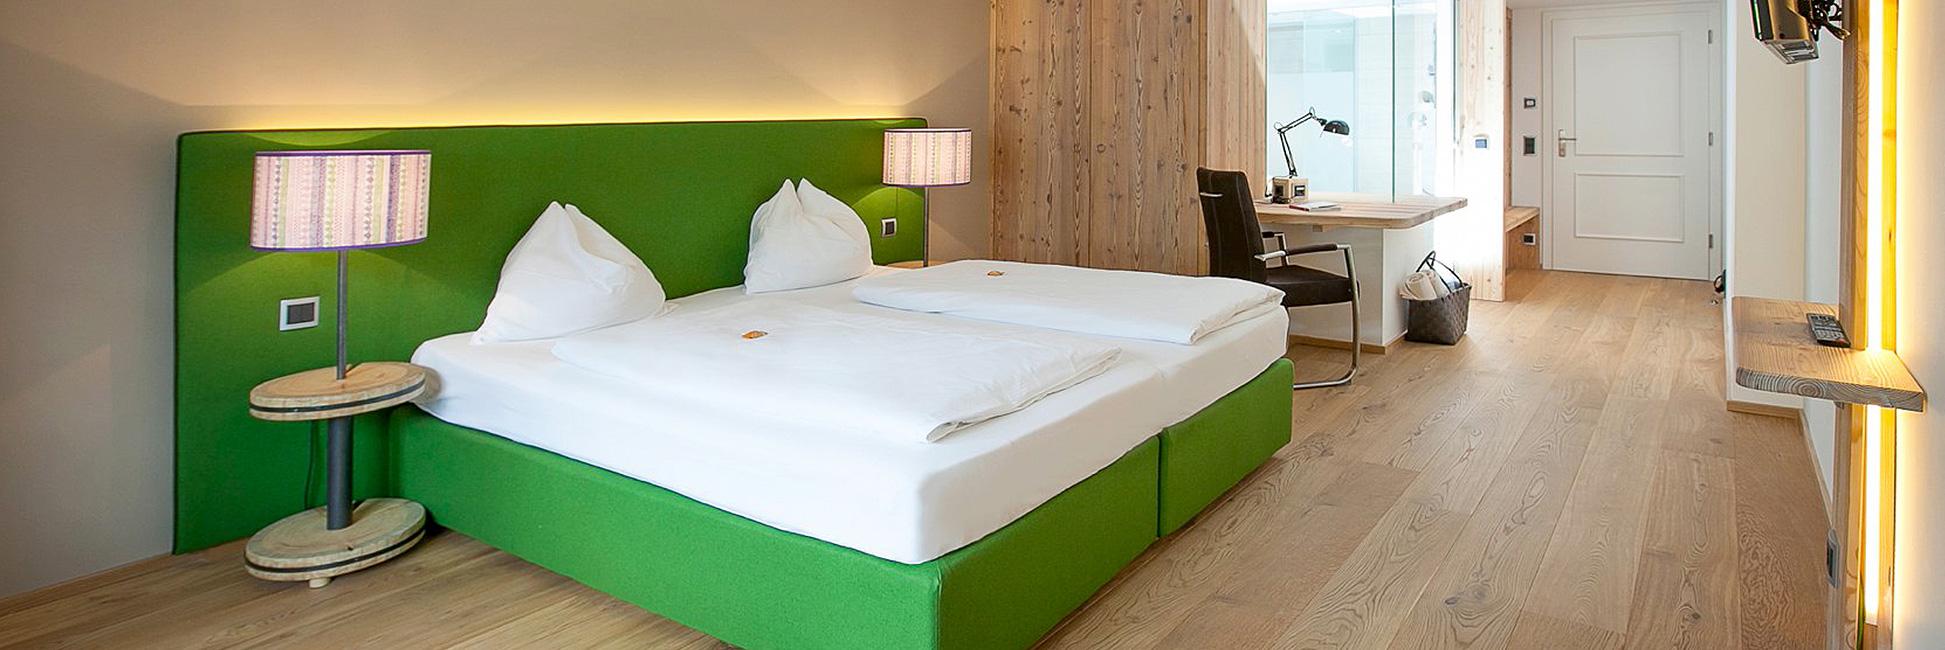 Hotel Gasthof zur Post Zimmer Ambiente Weißwand